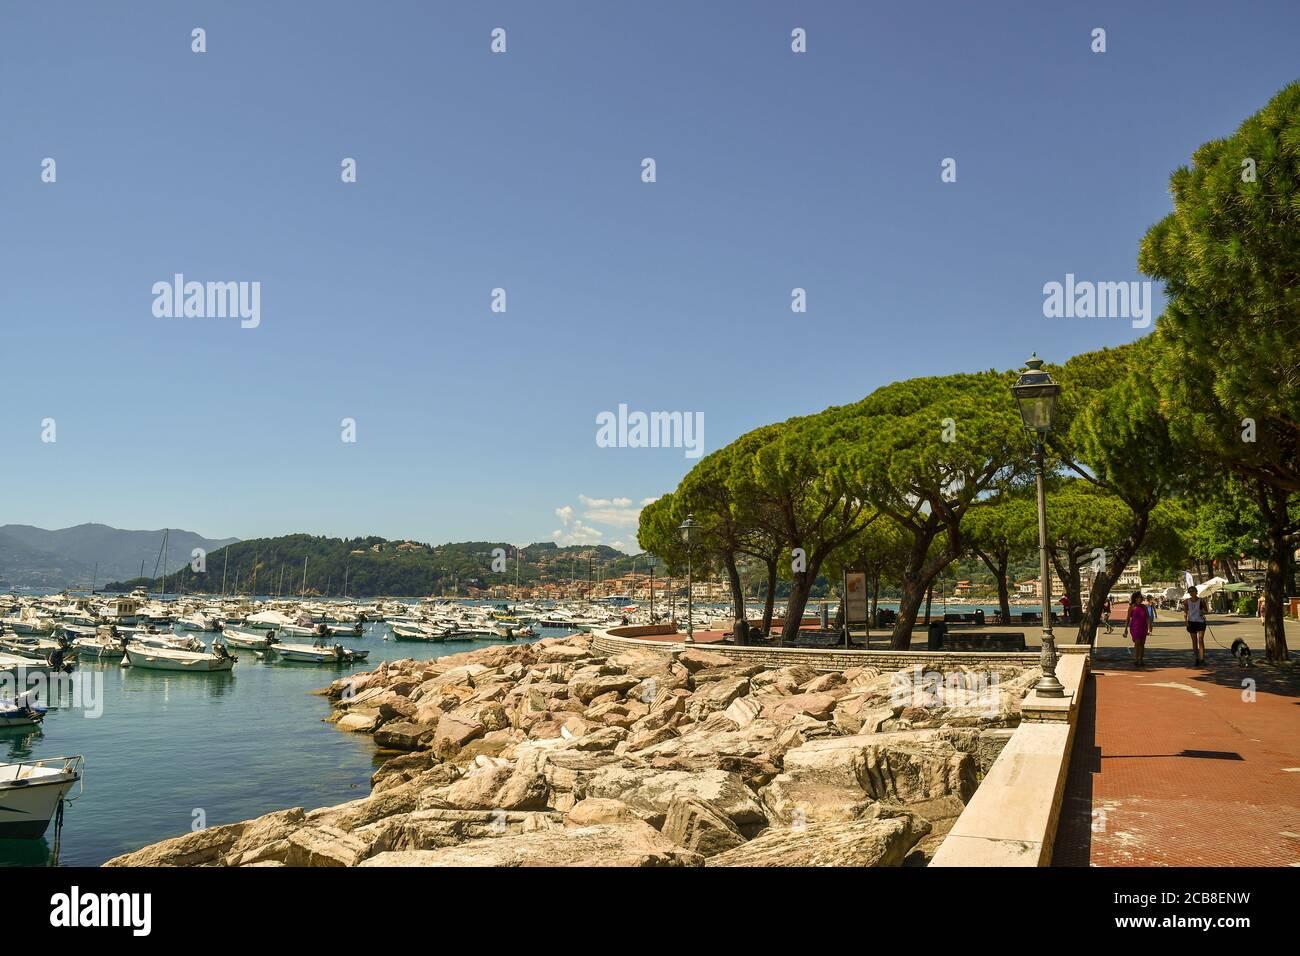 Vista del paseo marítimo con gente caminando y el puerto de la ciudad marítima en la orilla del Golfo de los Poets, Lerici, la Spezia, Italia Foto de stock